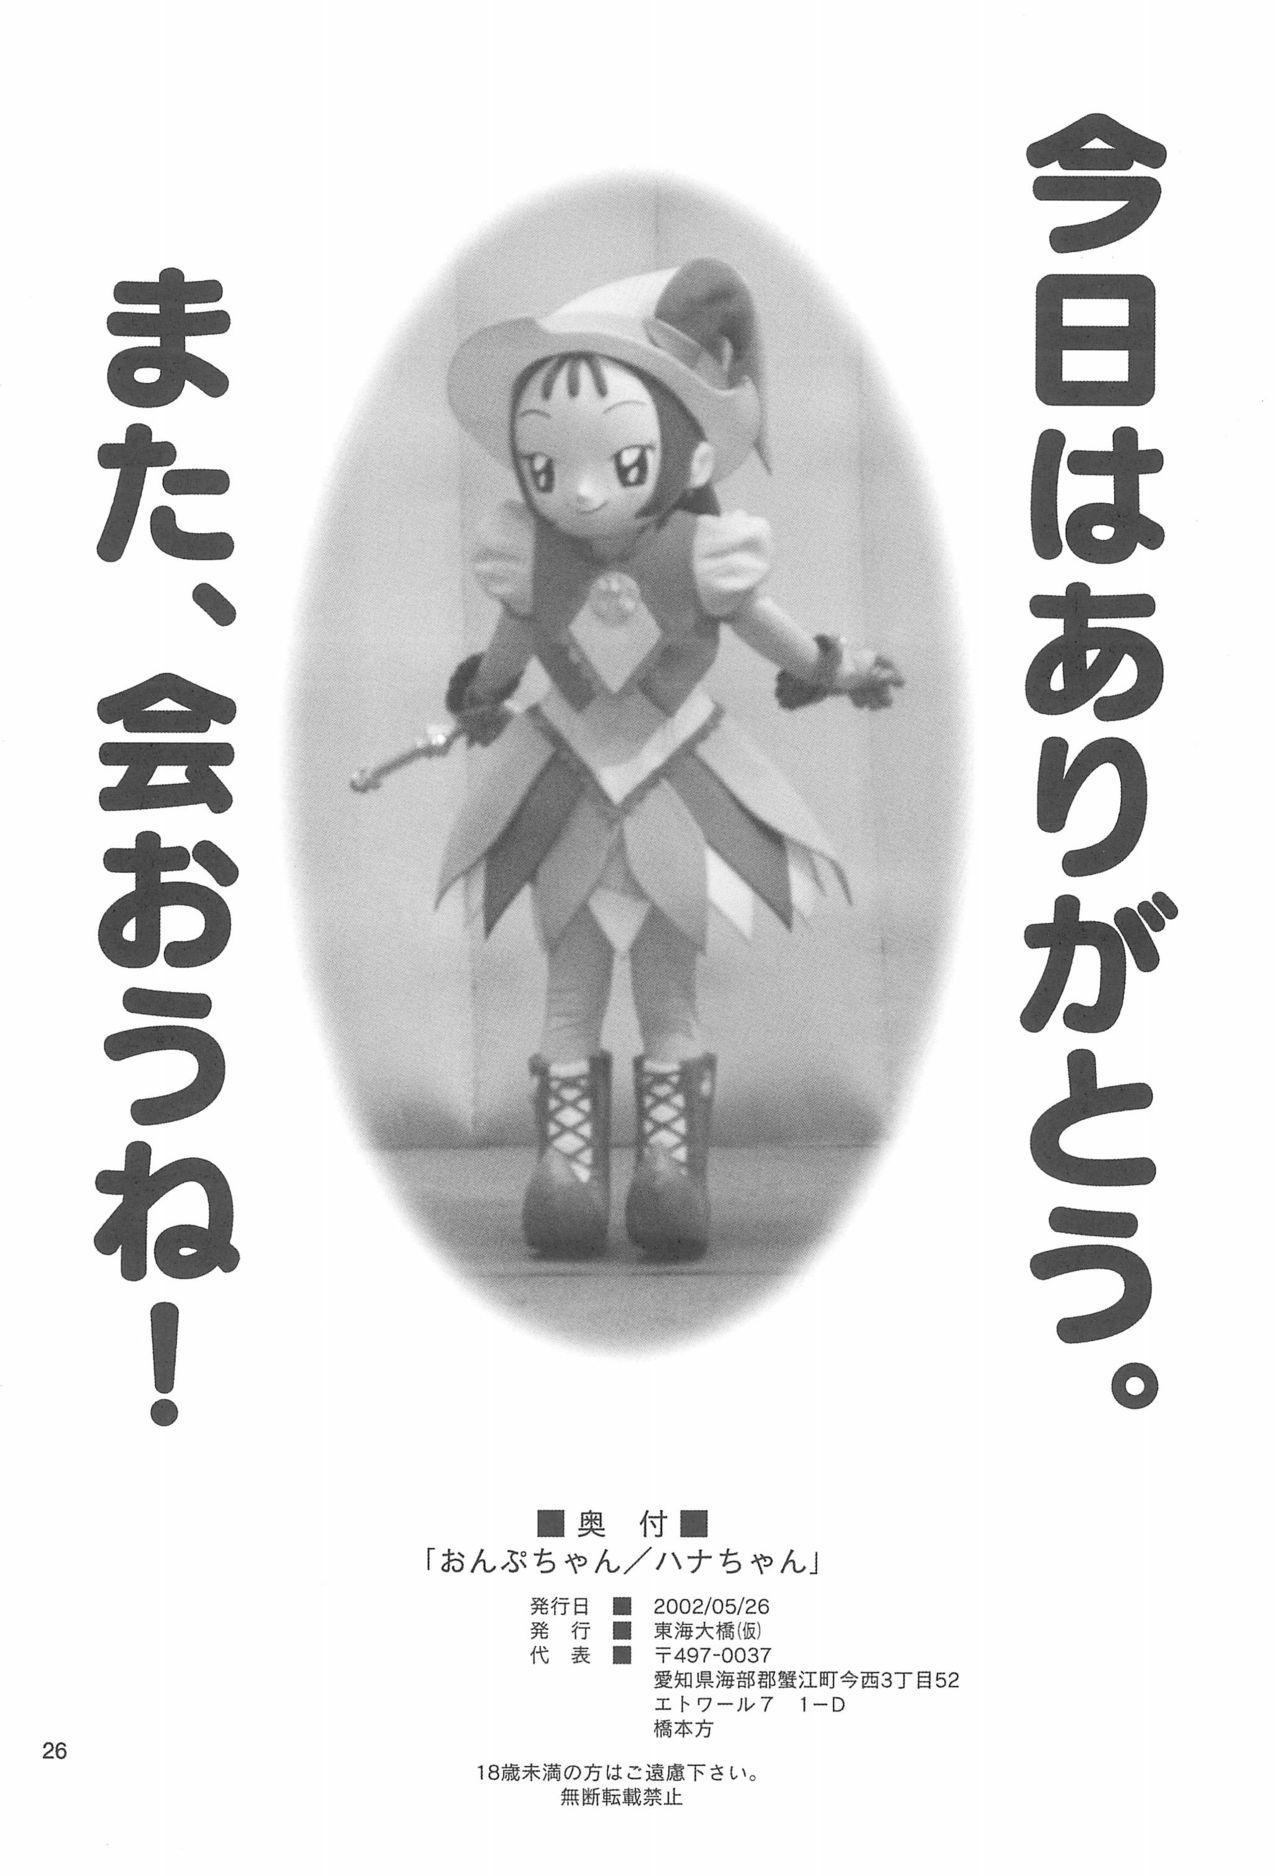 [Tokai Oohashi (Kari) (Ryu-ya)] Onpu-chan/Hana-chan (Ojamajo Doremi) 27